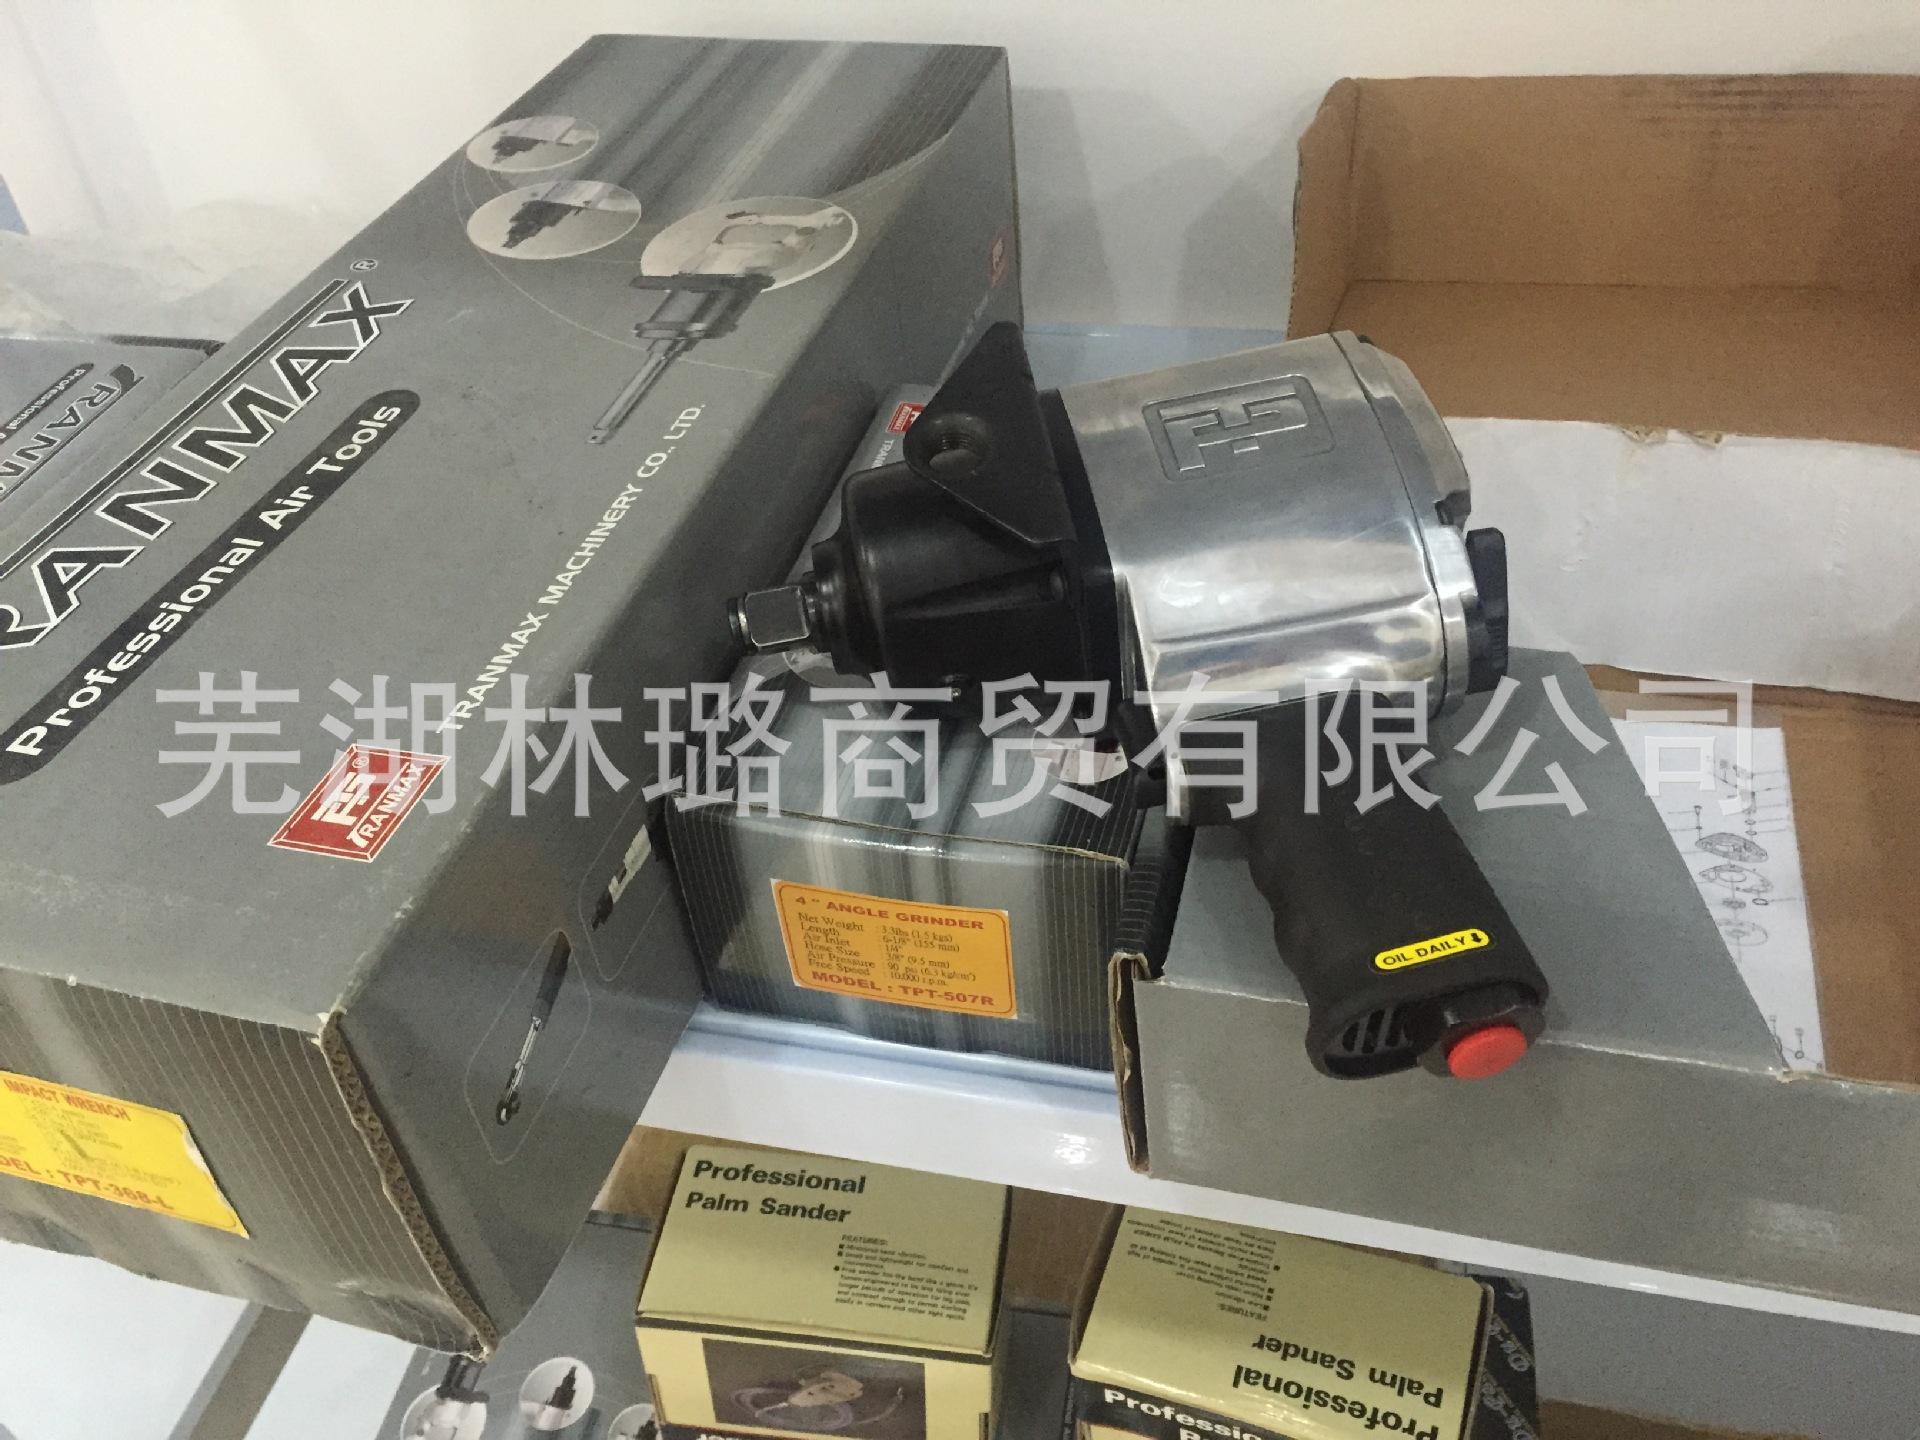 台湾进口气扳手具锐马牌棘轮扳手TPT-216(-4) 3/8 1/4六角